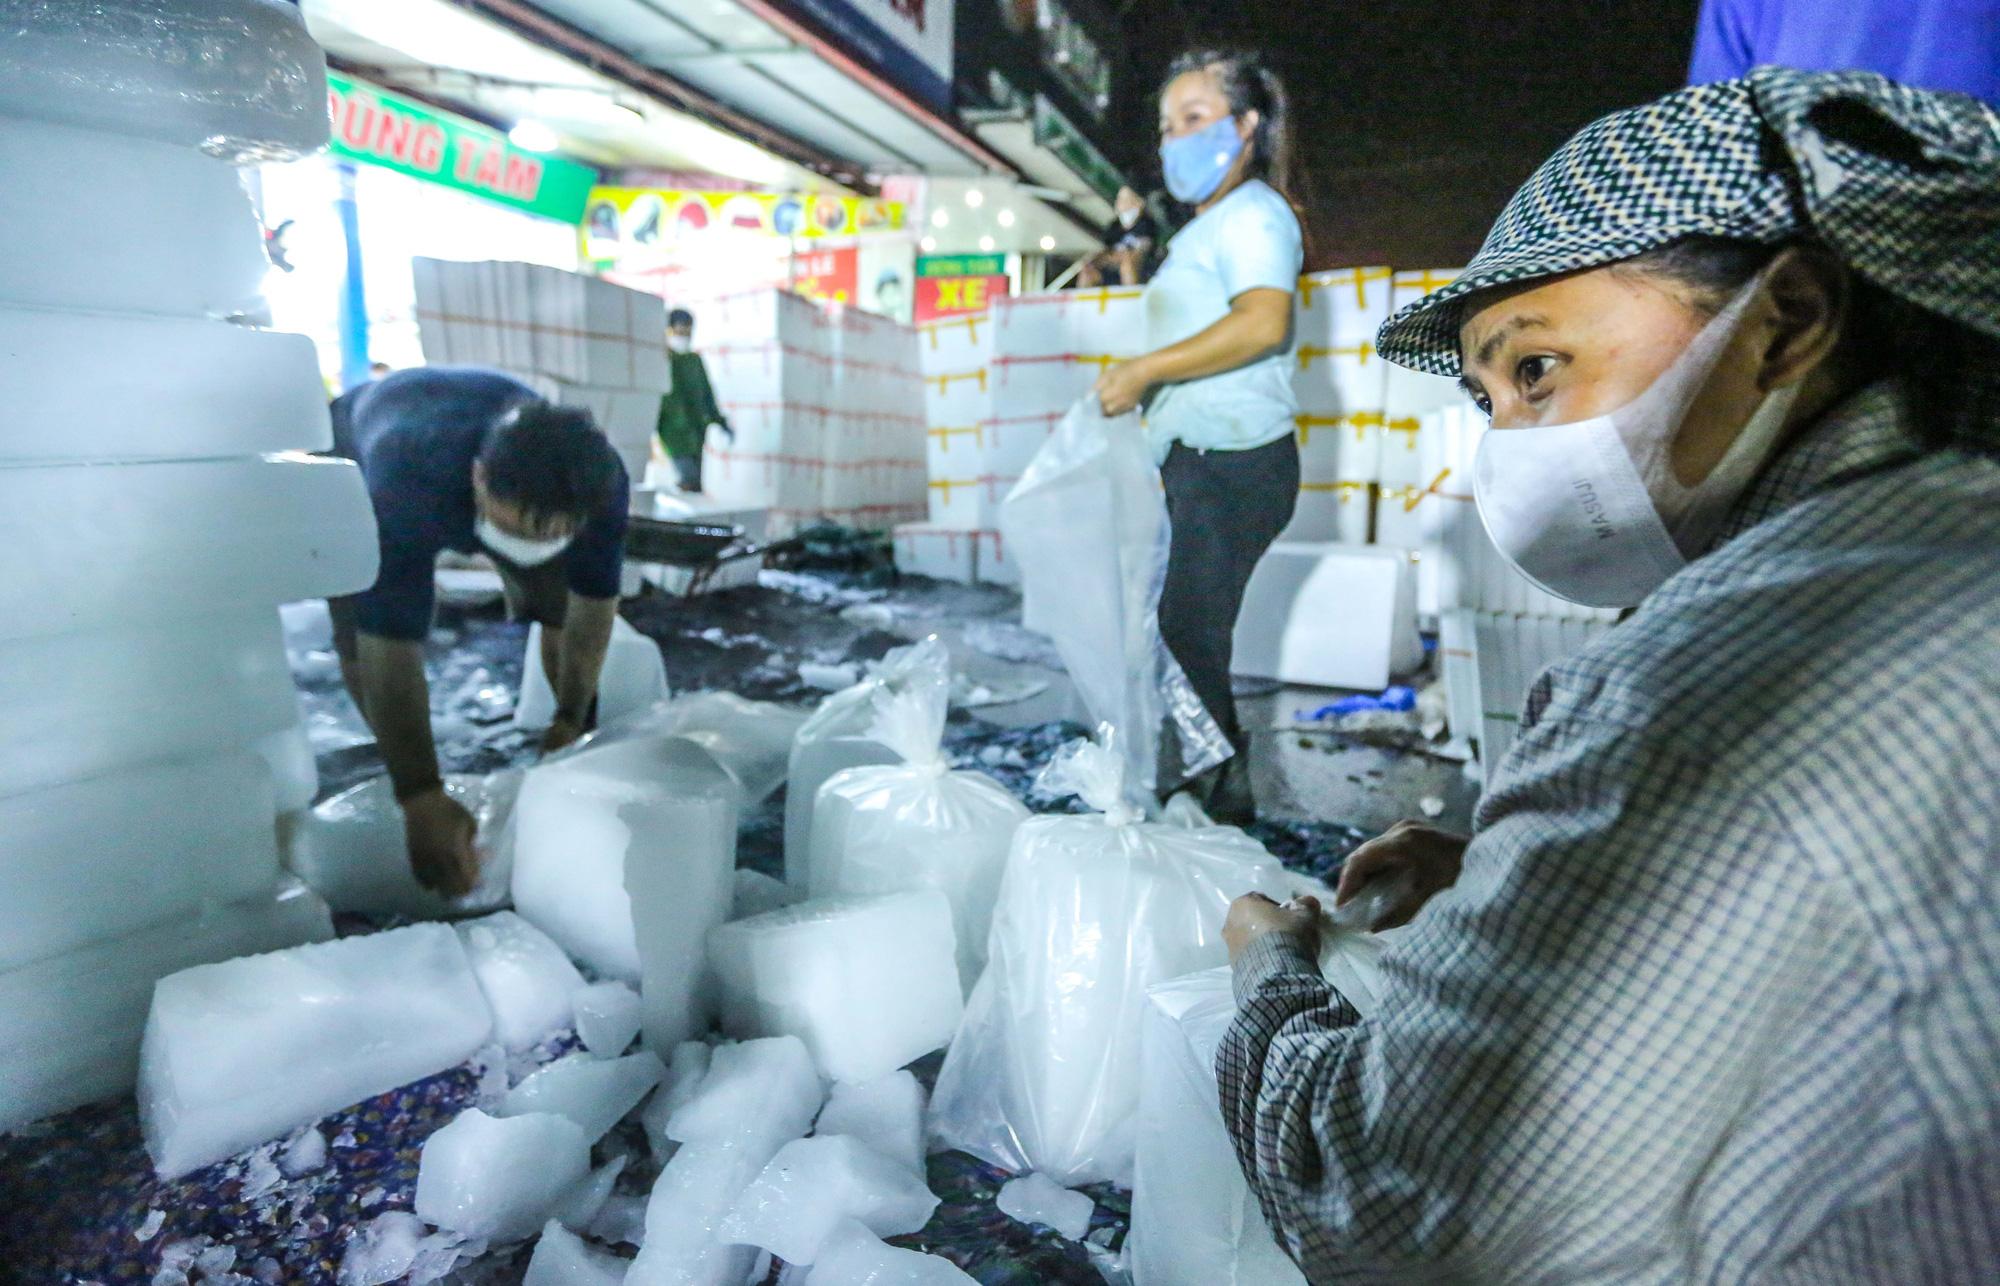 CLIP: Xuyên đêm đóng gói vải đưa sang Trung Quốc tiêu thụ - Ảnh 6.